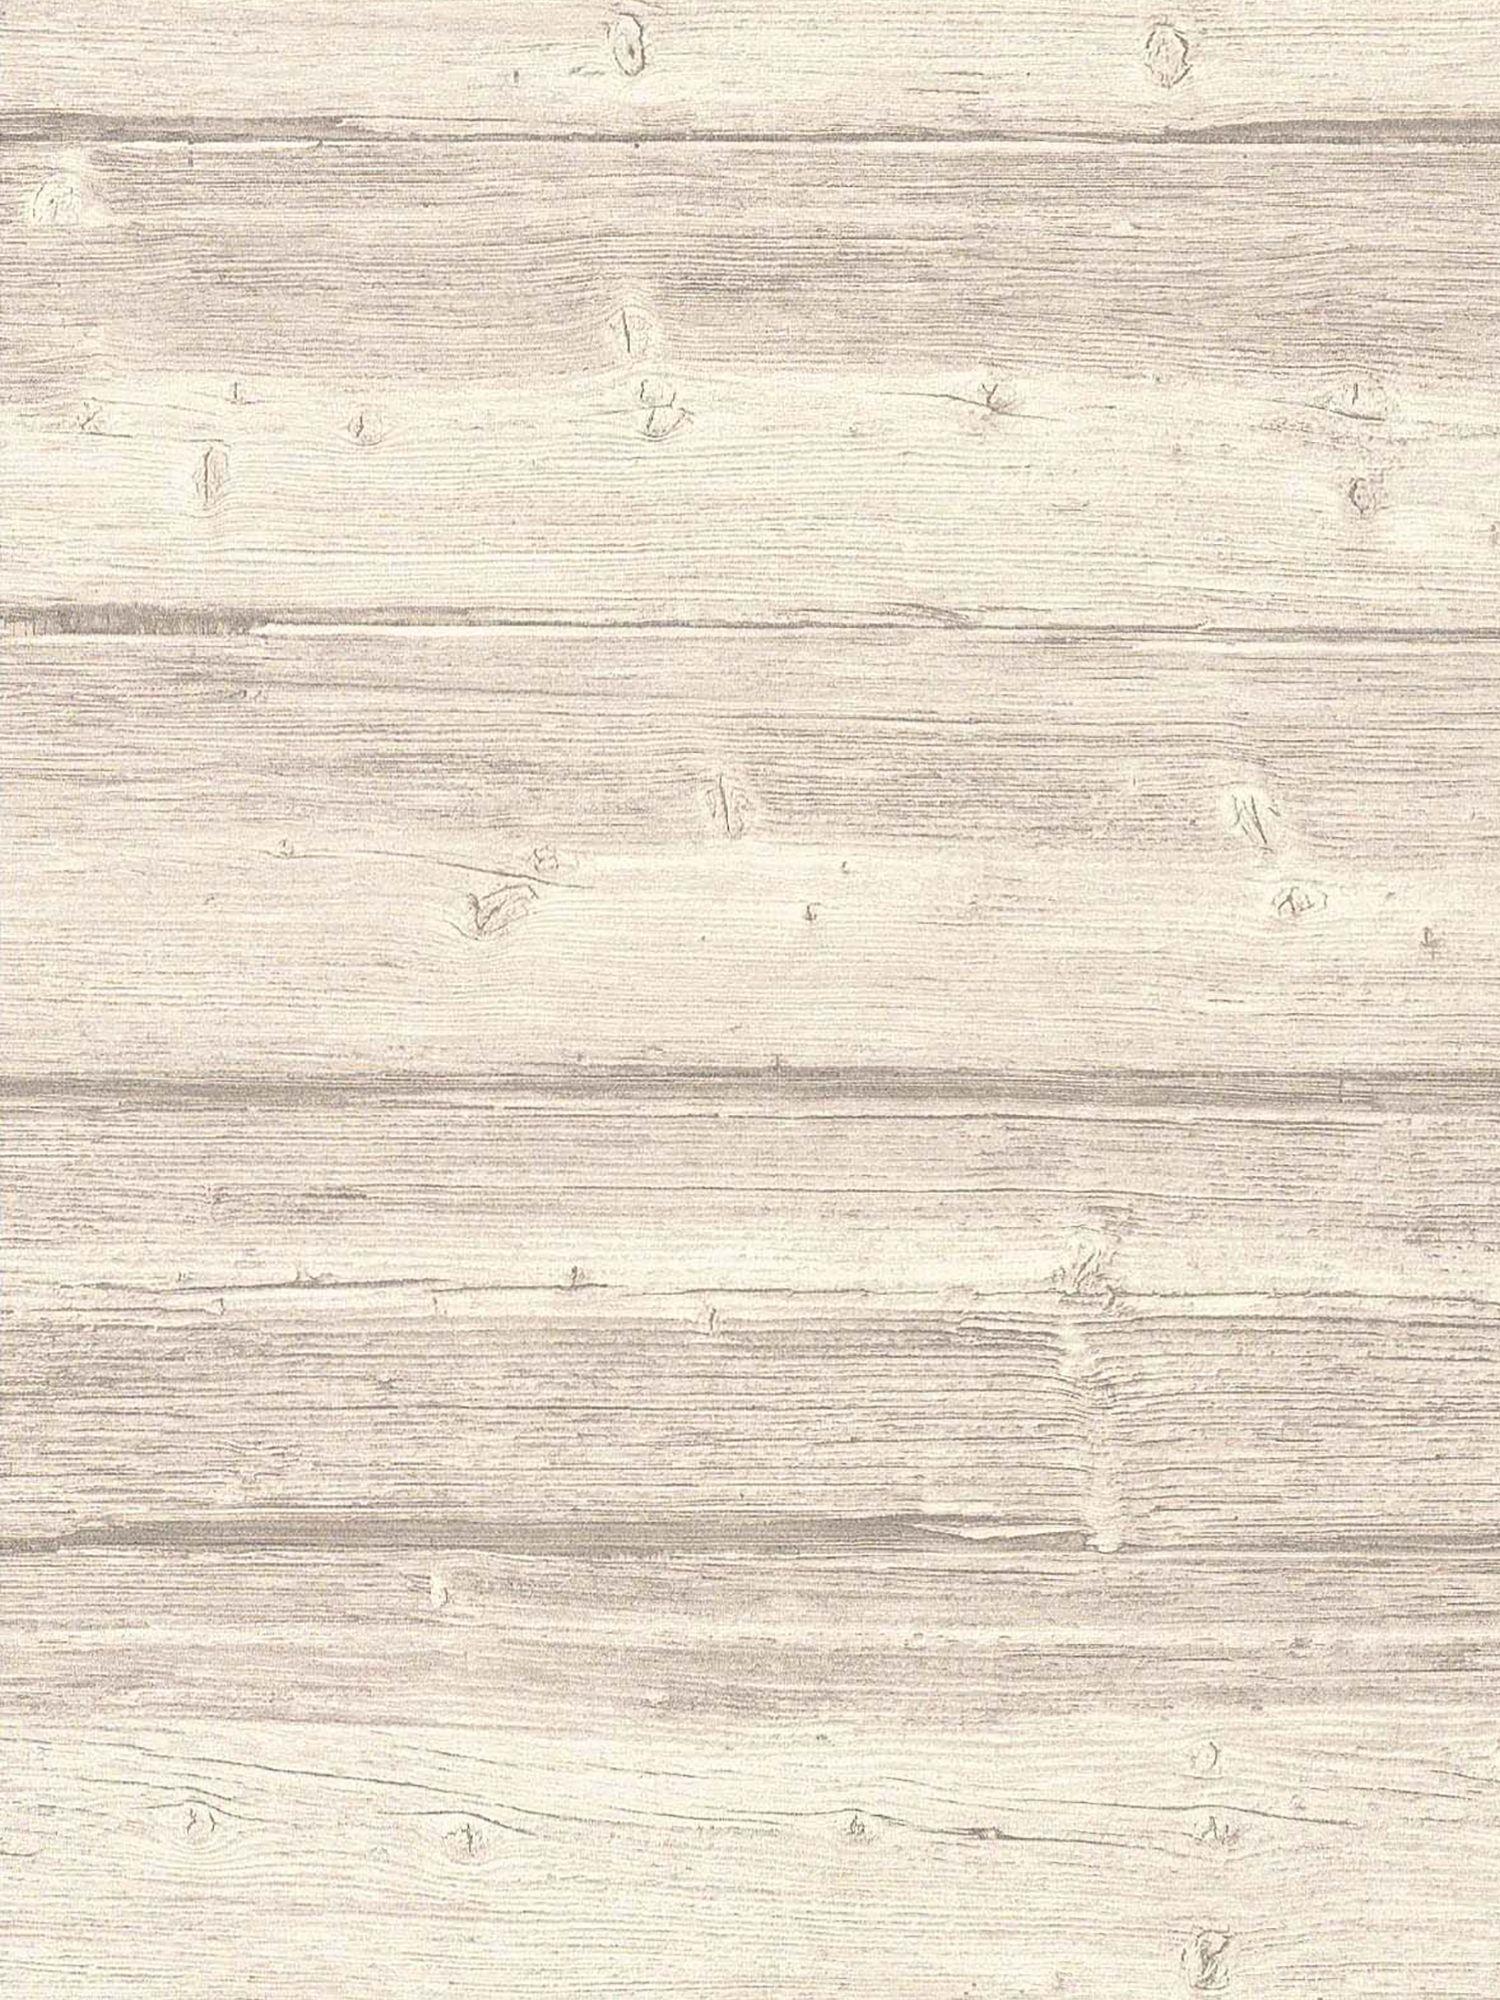 Galerie Galerie Wood Wallpaper, 51145107